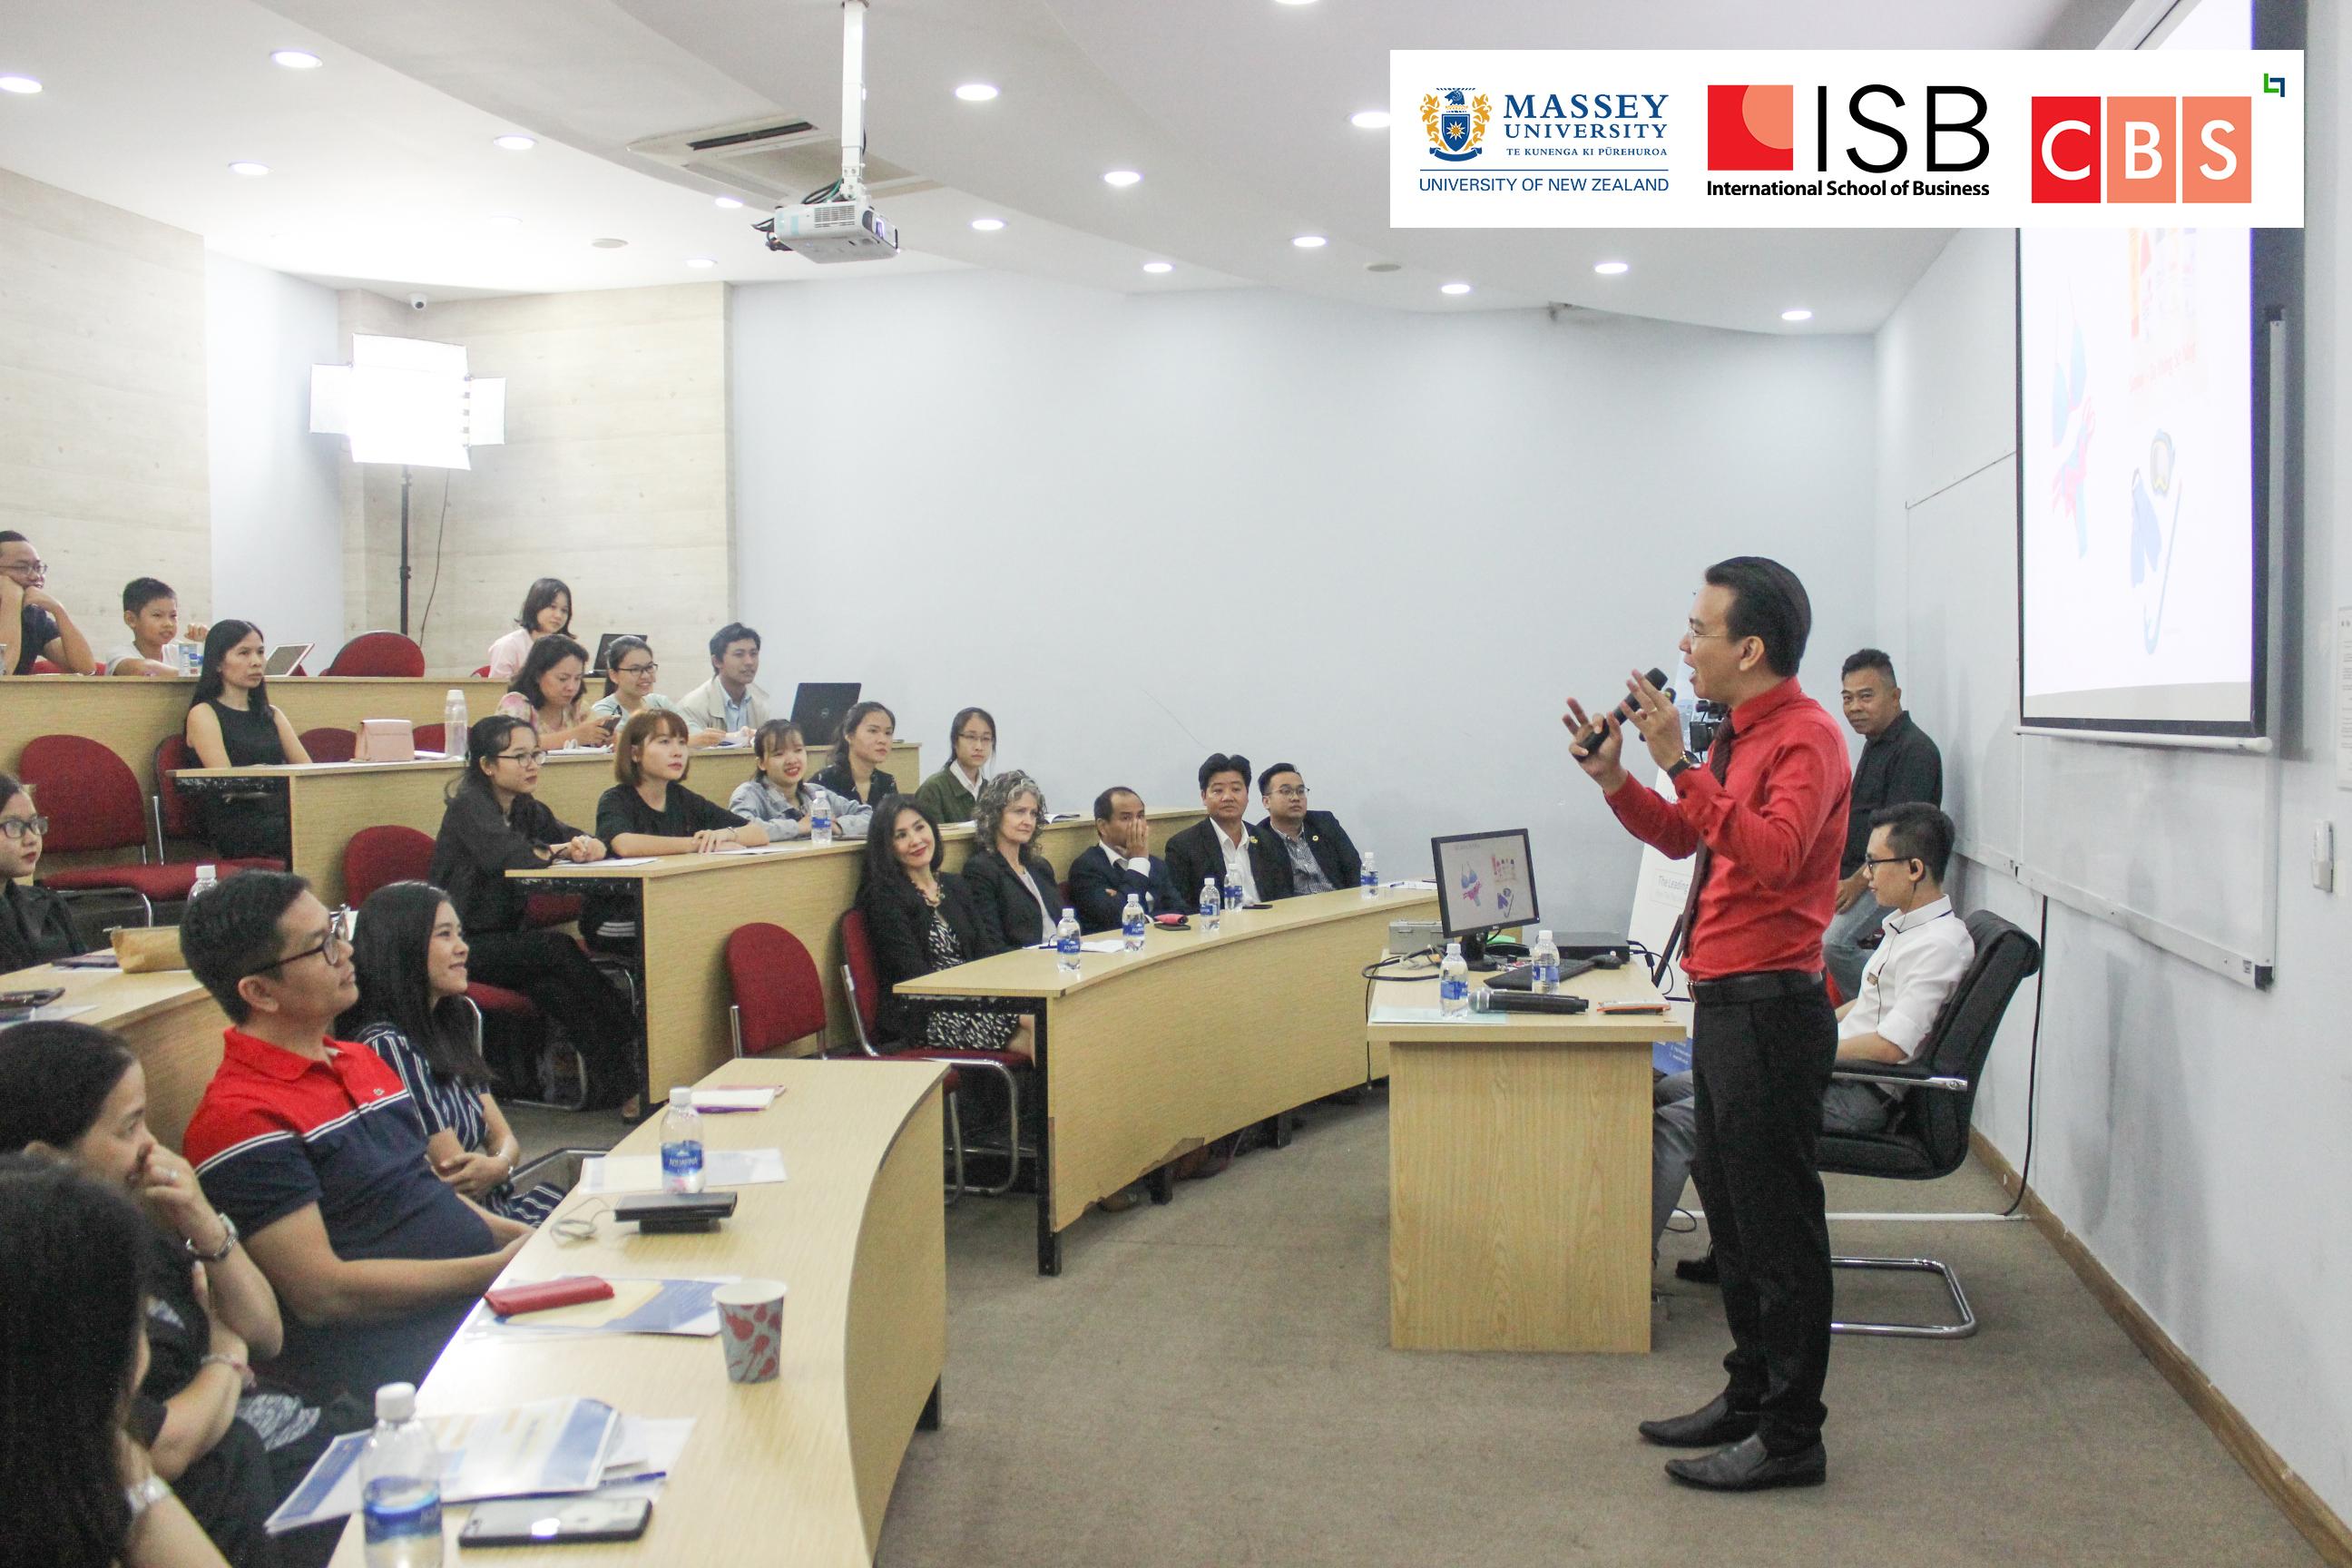 Tiến sĩ Đào Lê Hoà An dẫn chương trình